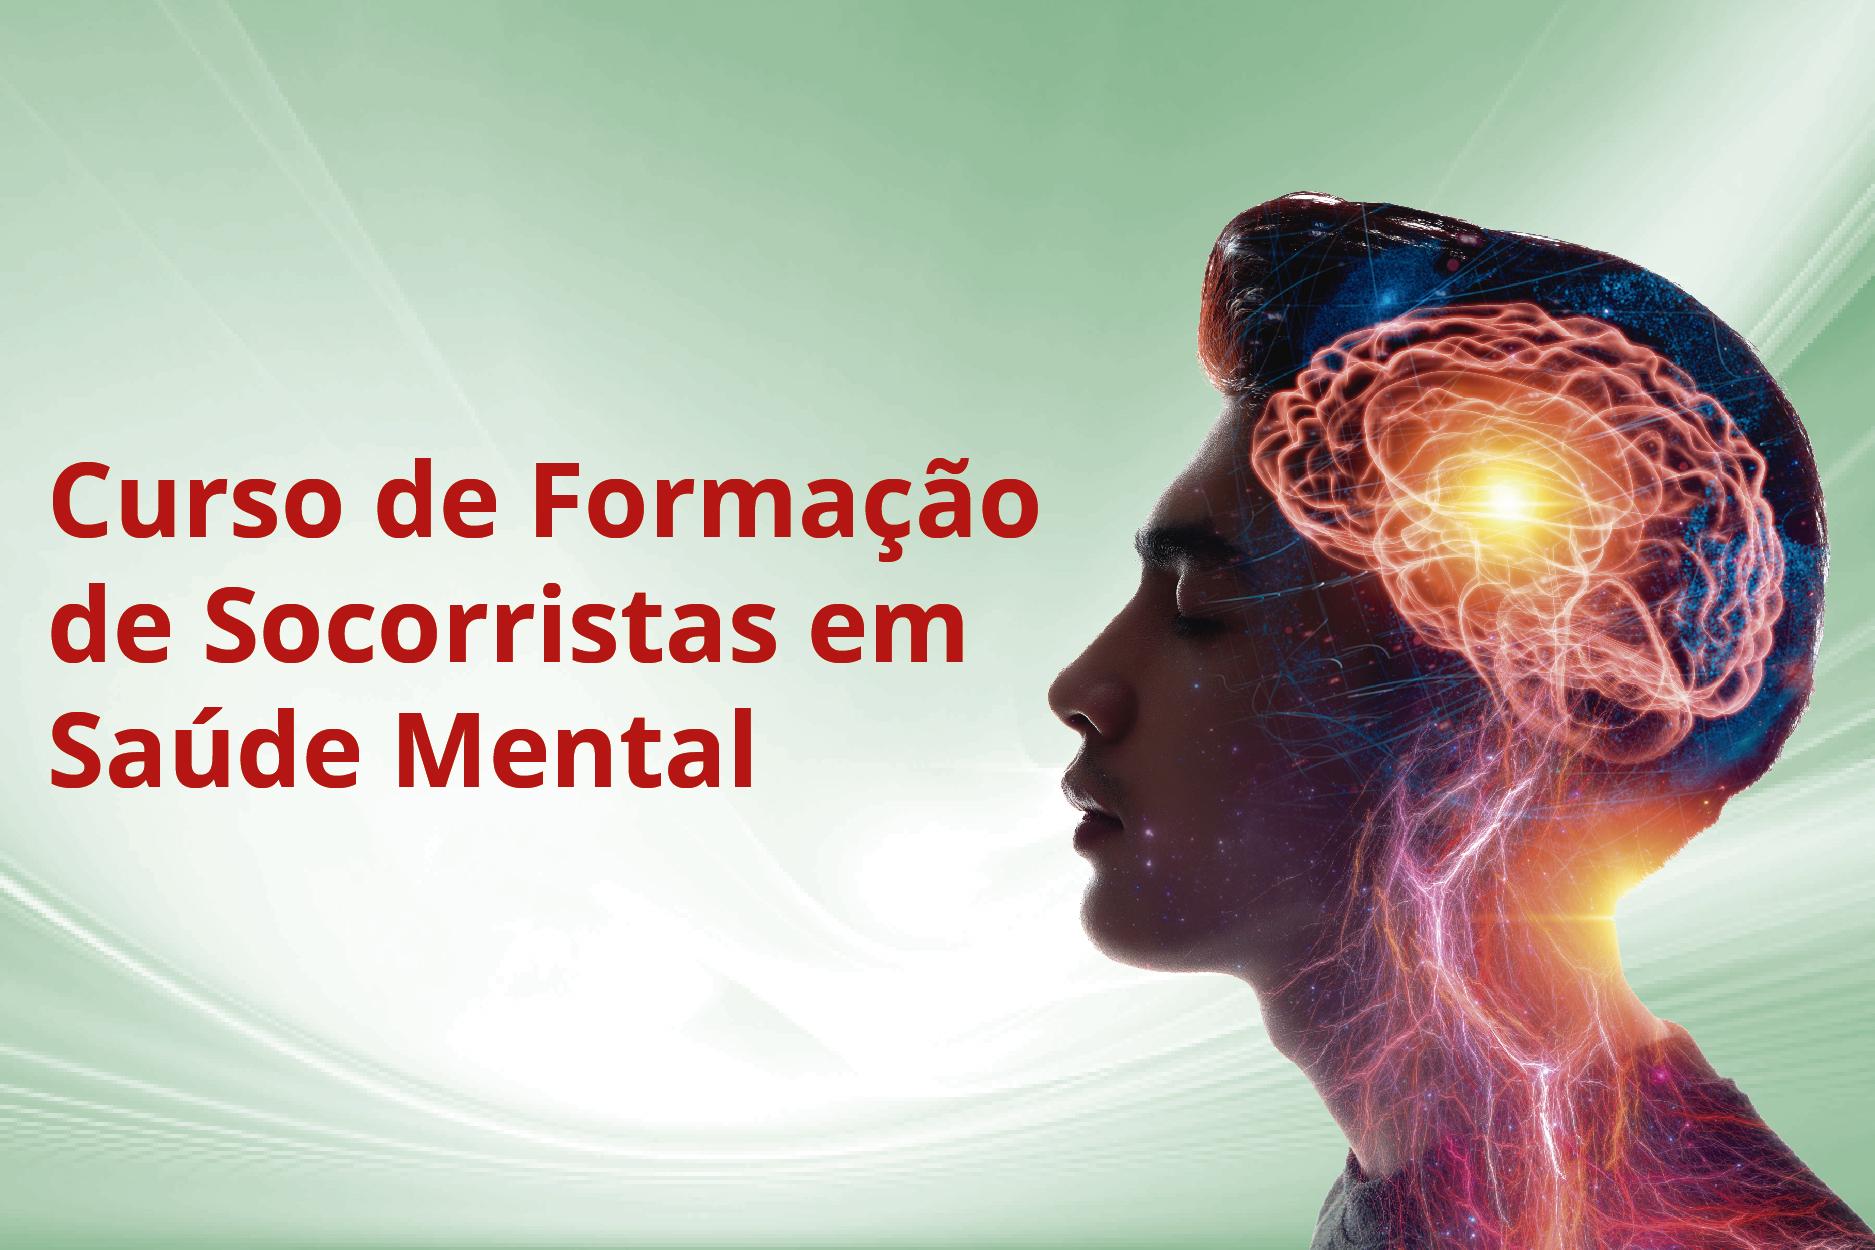 SAUDEMENTAL-M3 - Curso de Formação de Socorristas em Saúde Mental - Módulo 3 (001826 - 2021/1 - INTEGRAL)